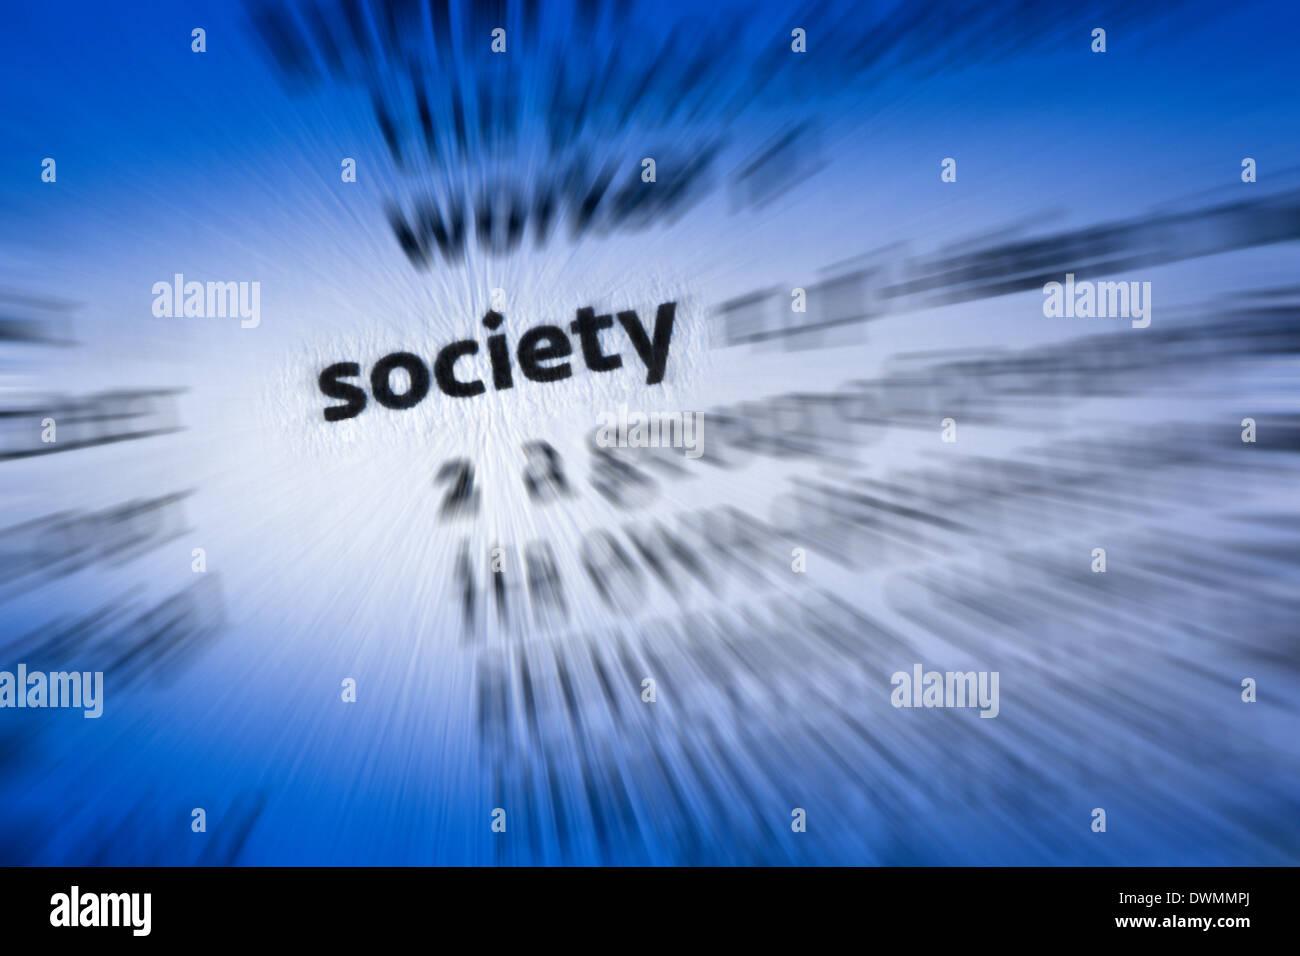 Society - Stock Image